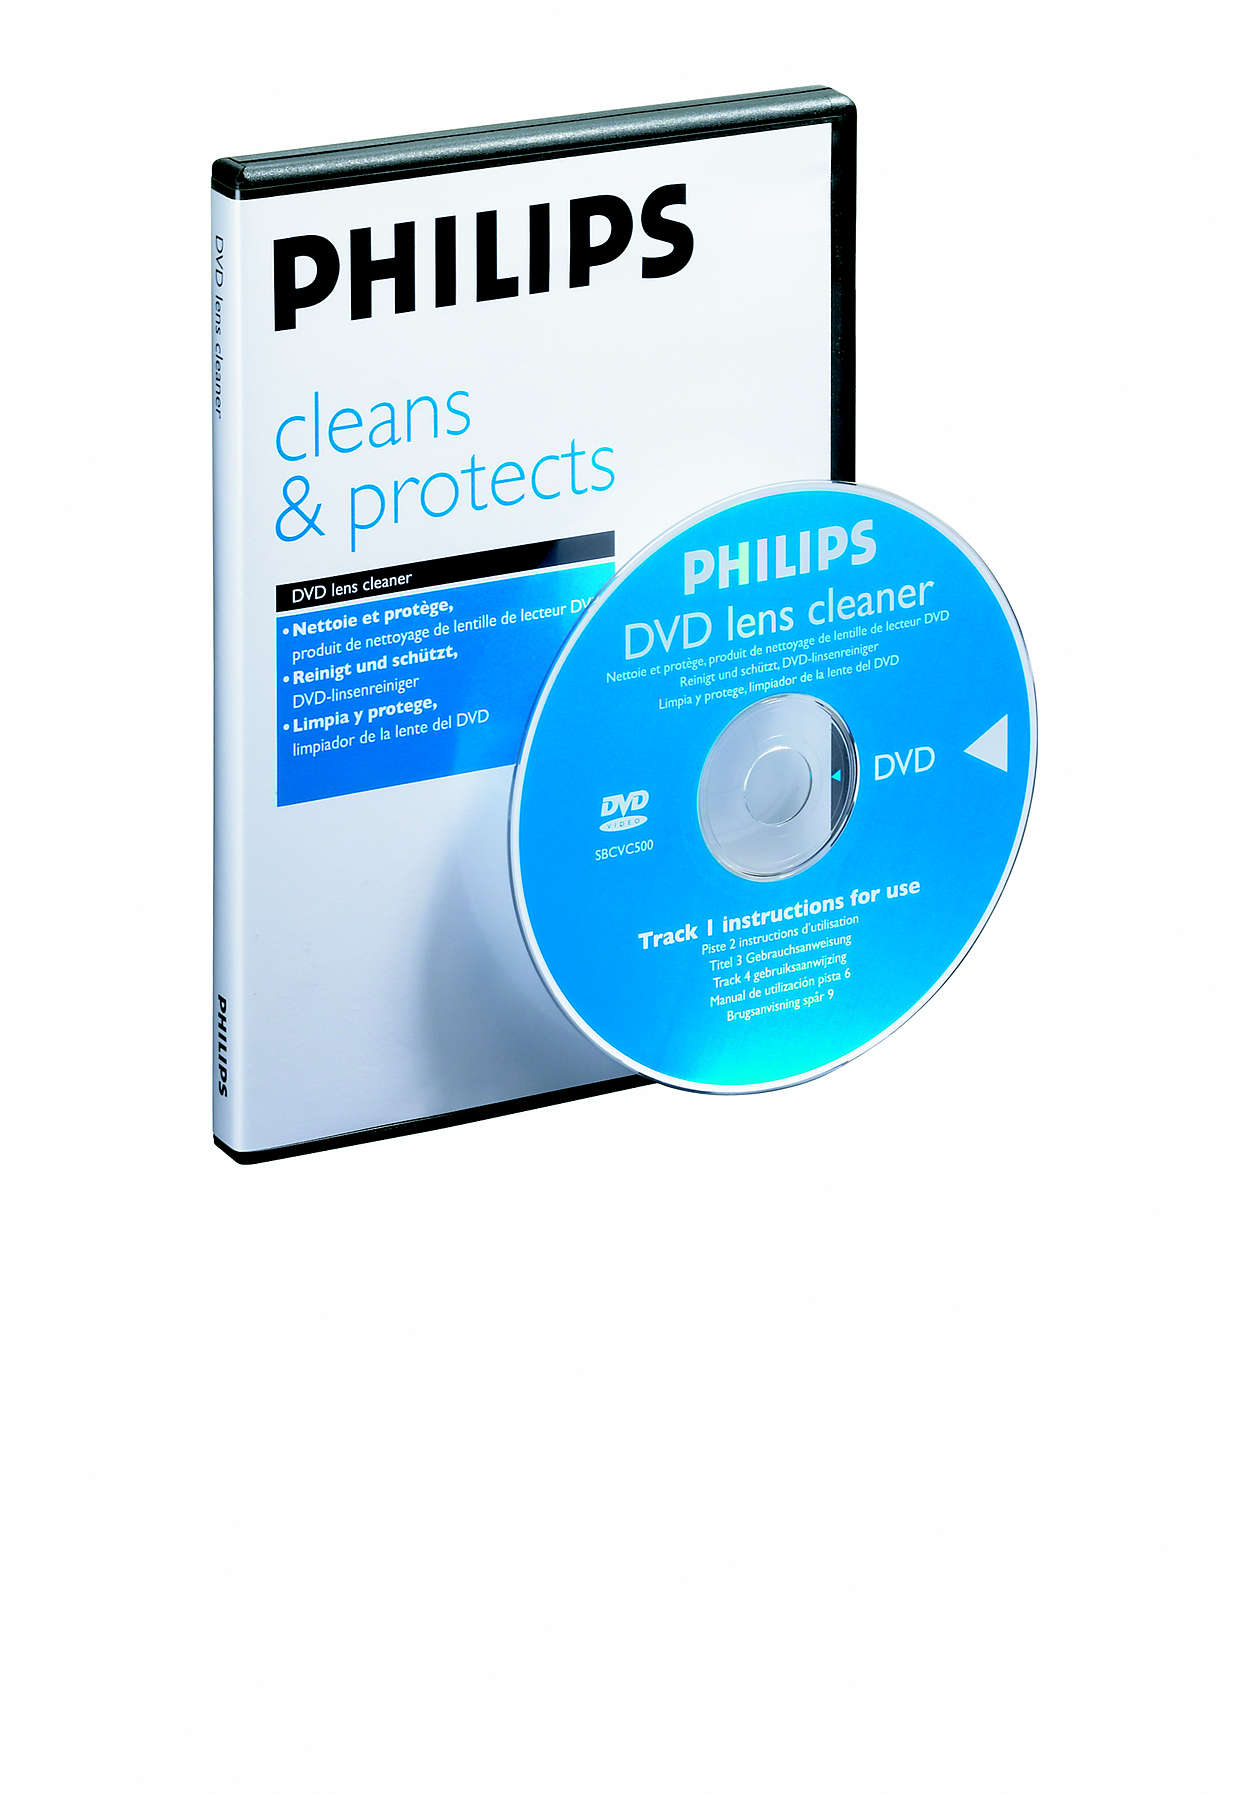 Uw DVD-speler schoonmaken en beschermen